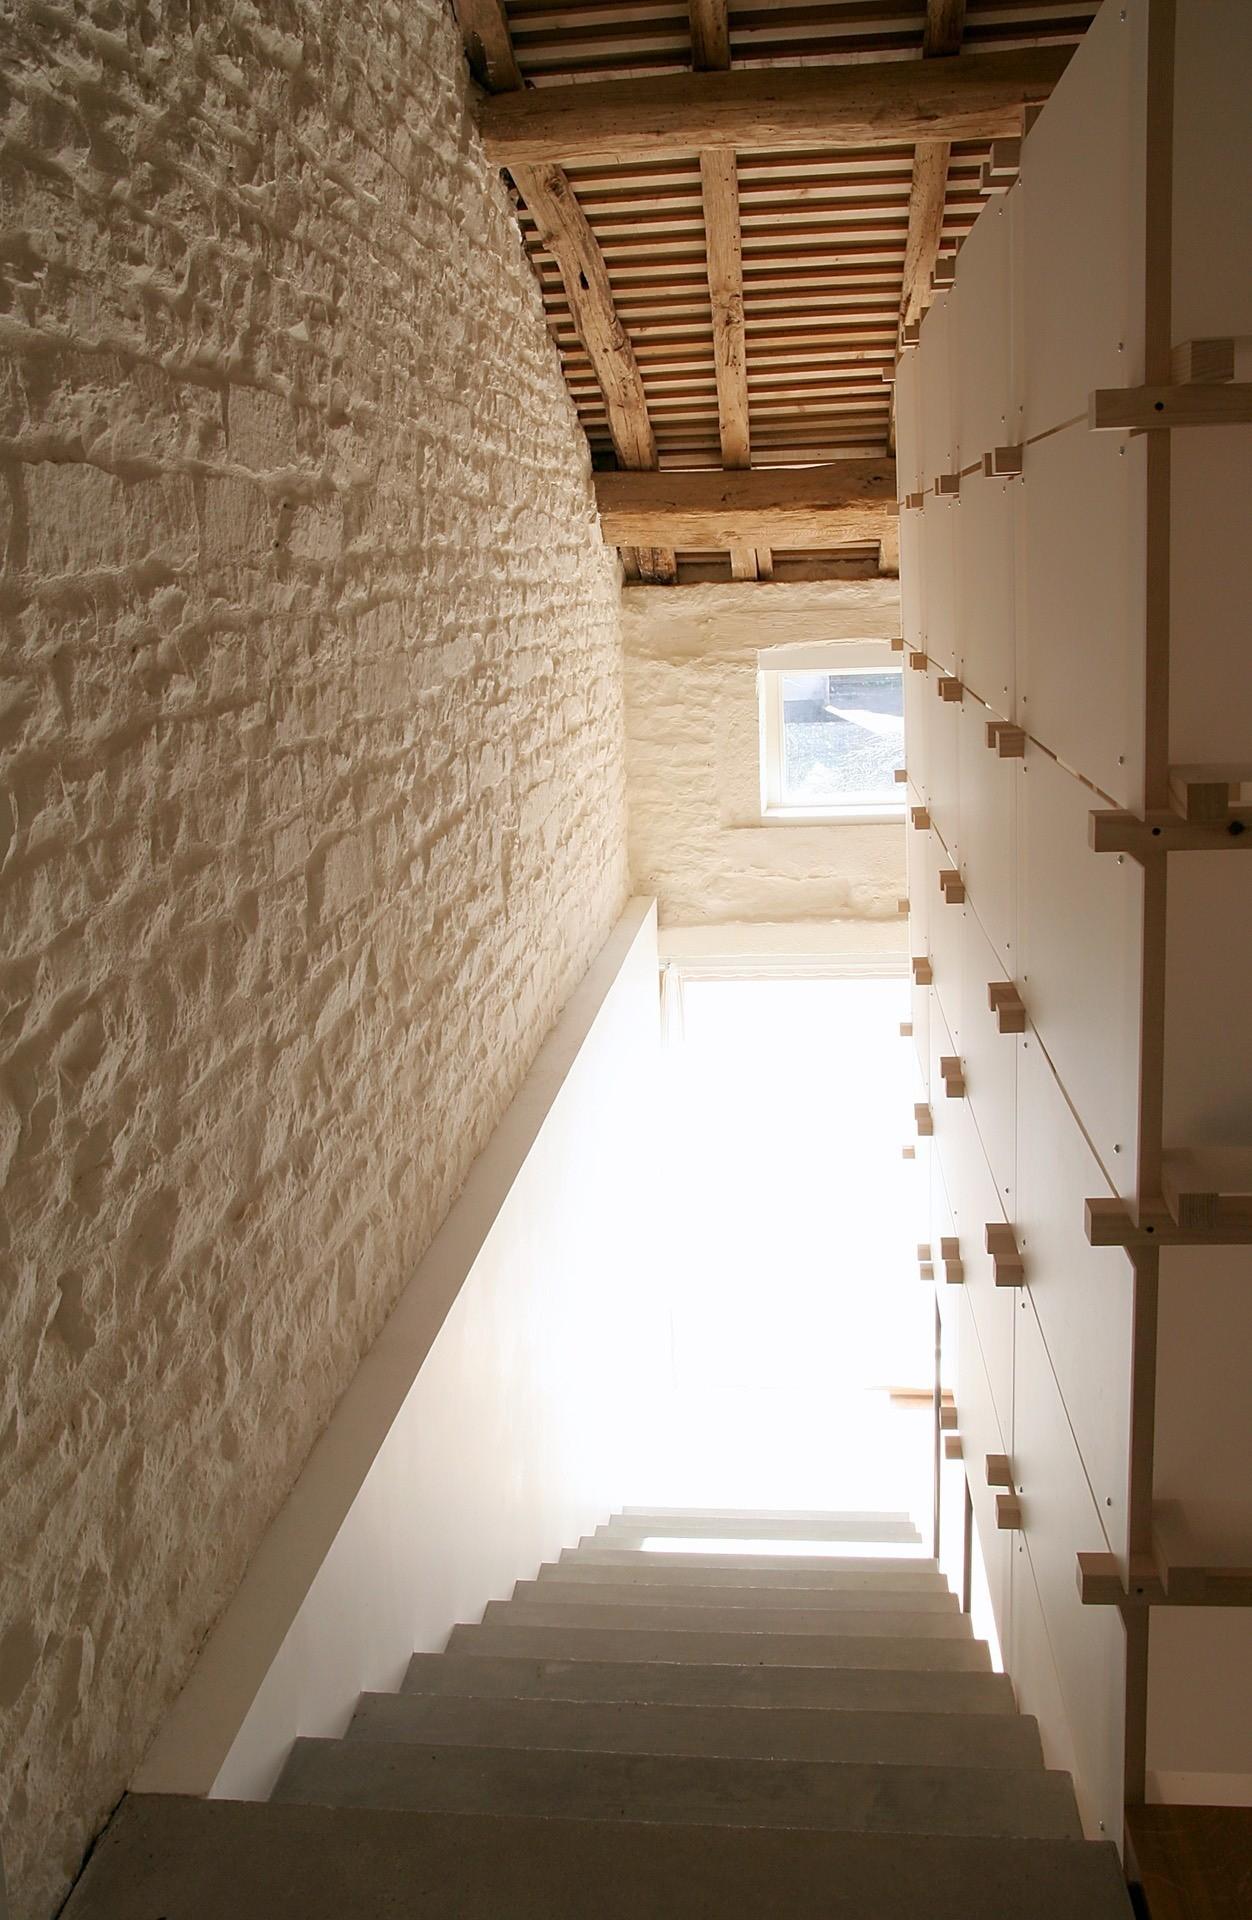 Hauteur Sous Plafond 2M40 maison al2 | architectures amiot - lombard